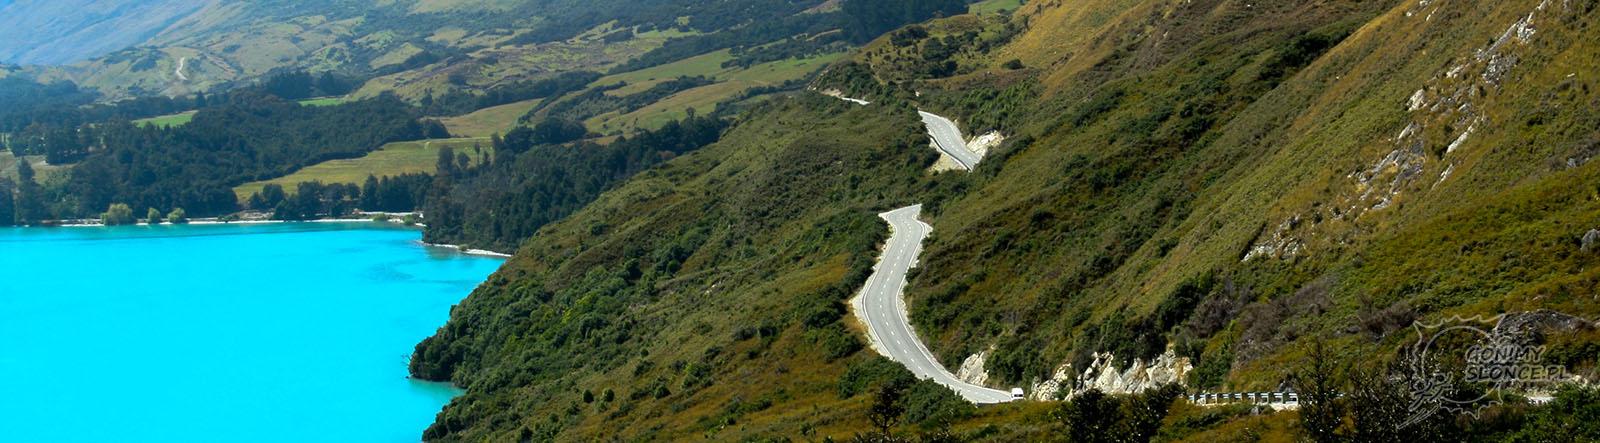 Muzyka na drogę - roadtrip w Nowej Zelandii